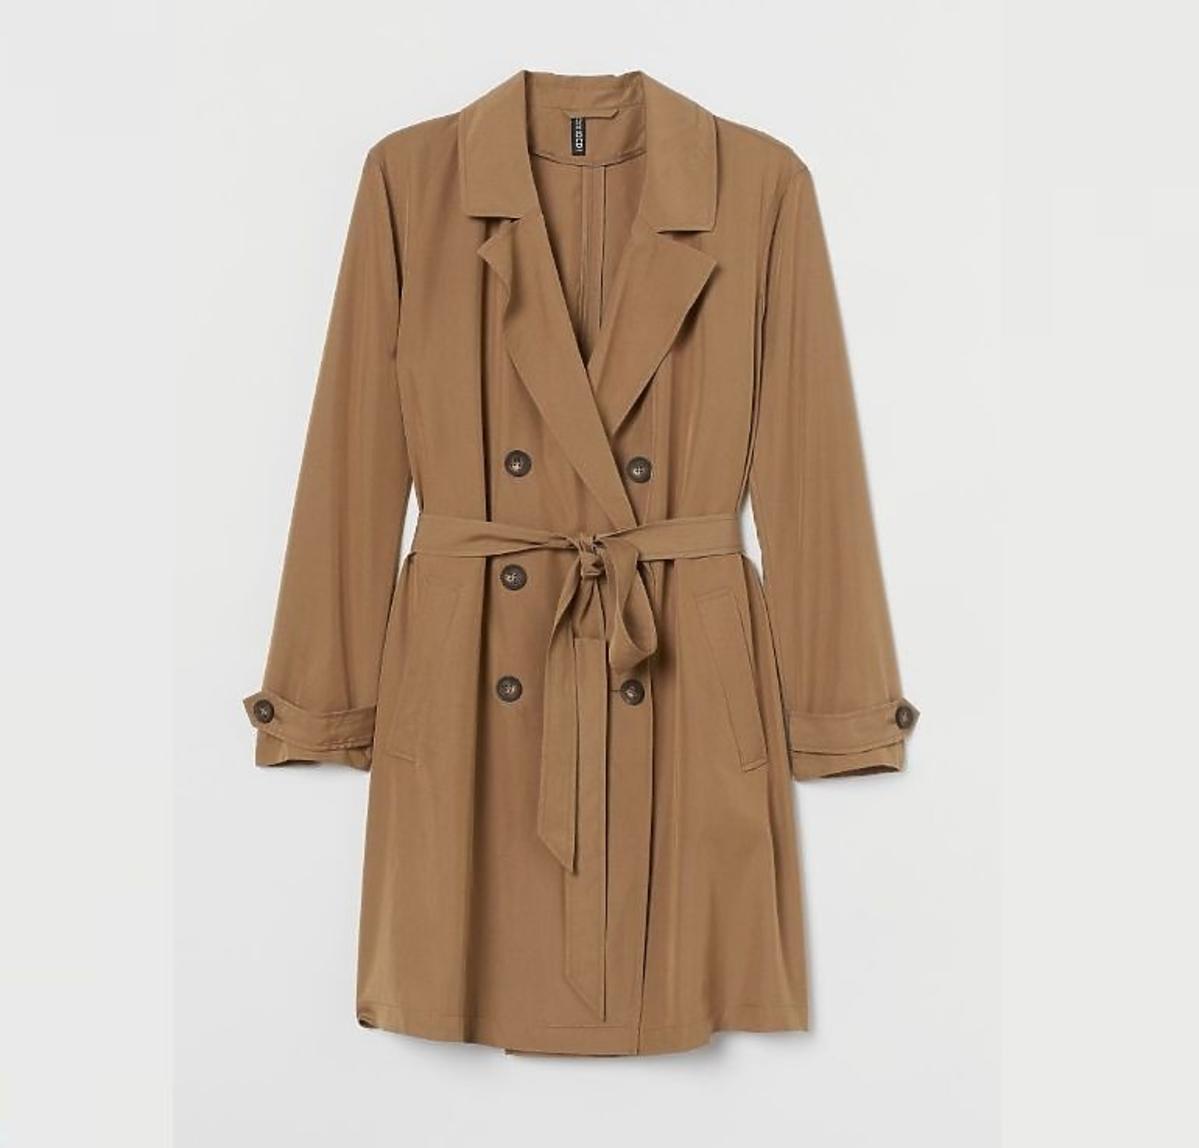 Płaszcz H&M cena 129 zł